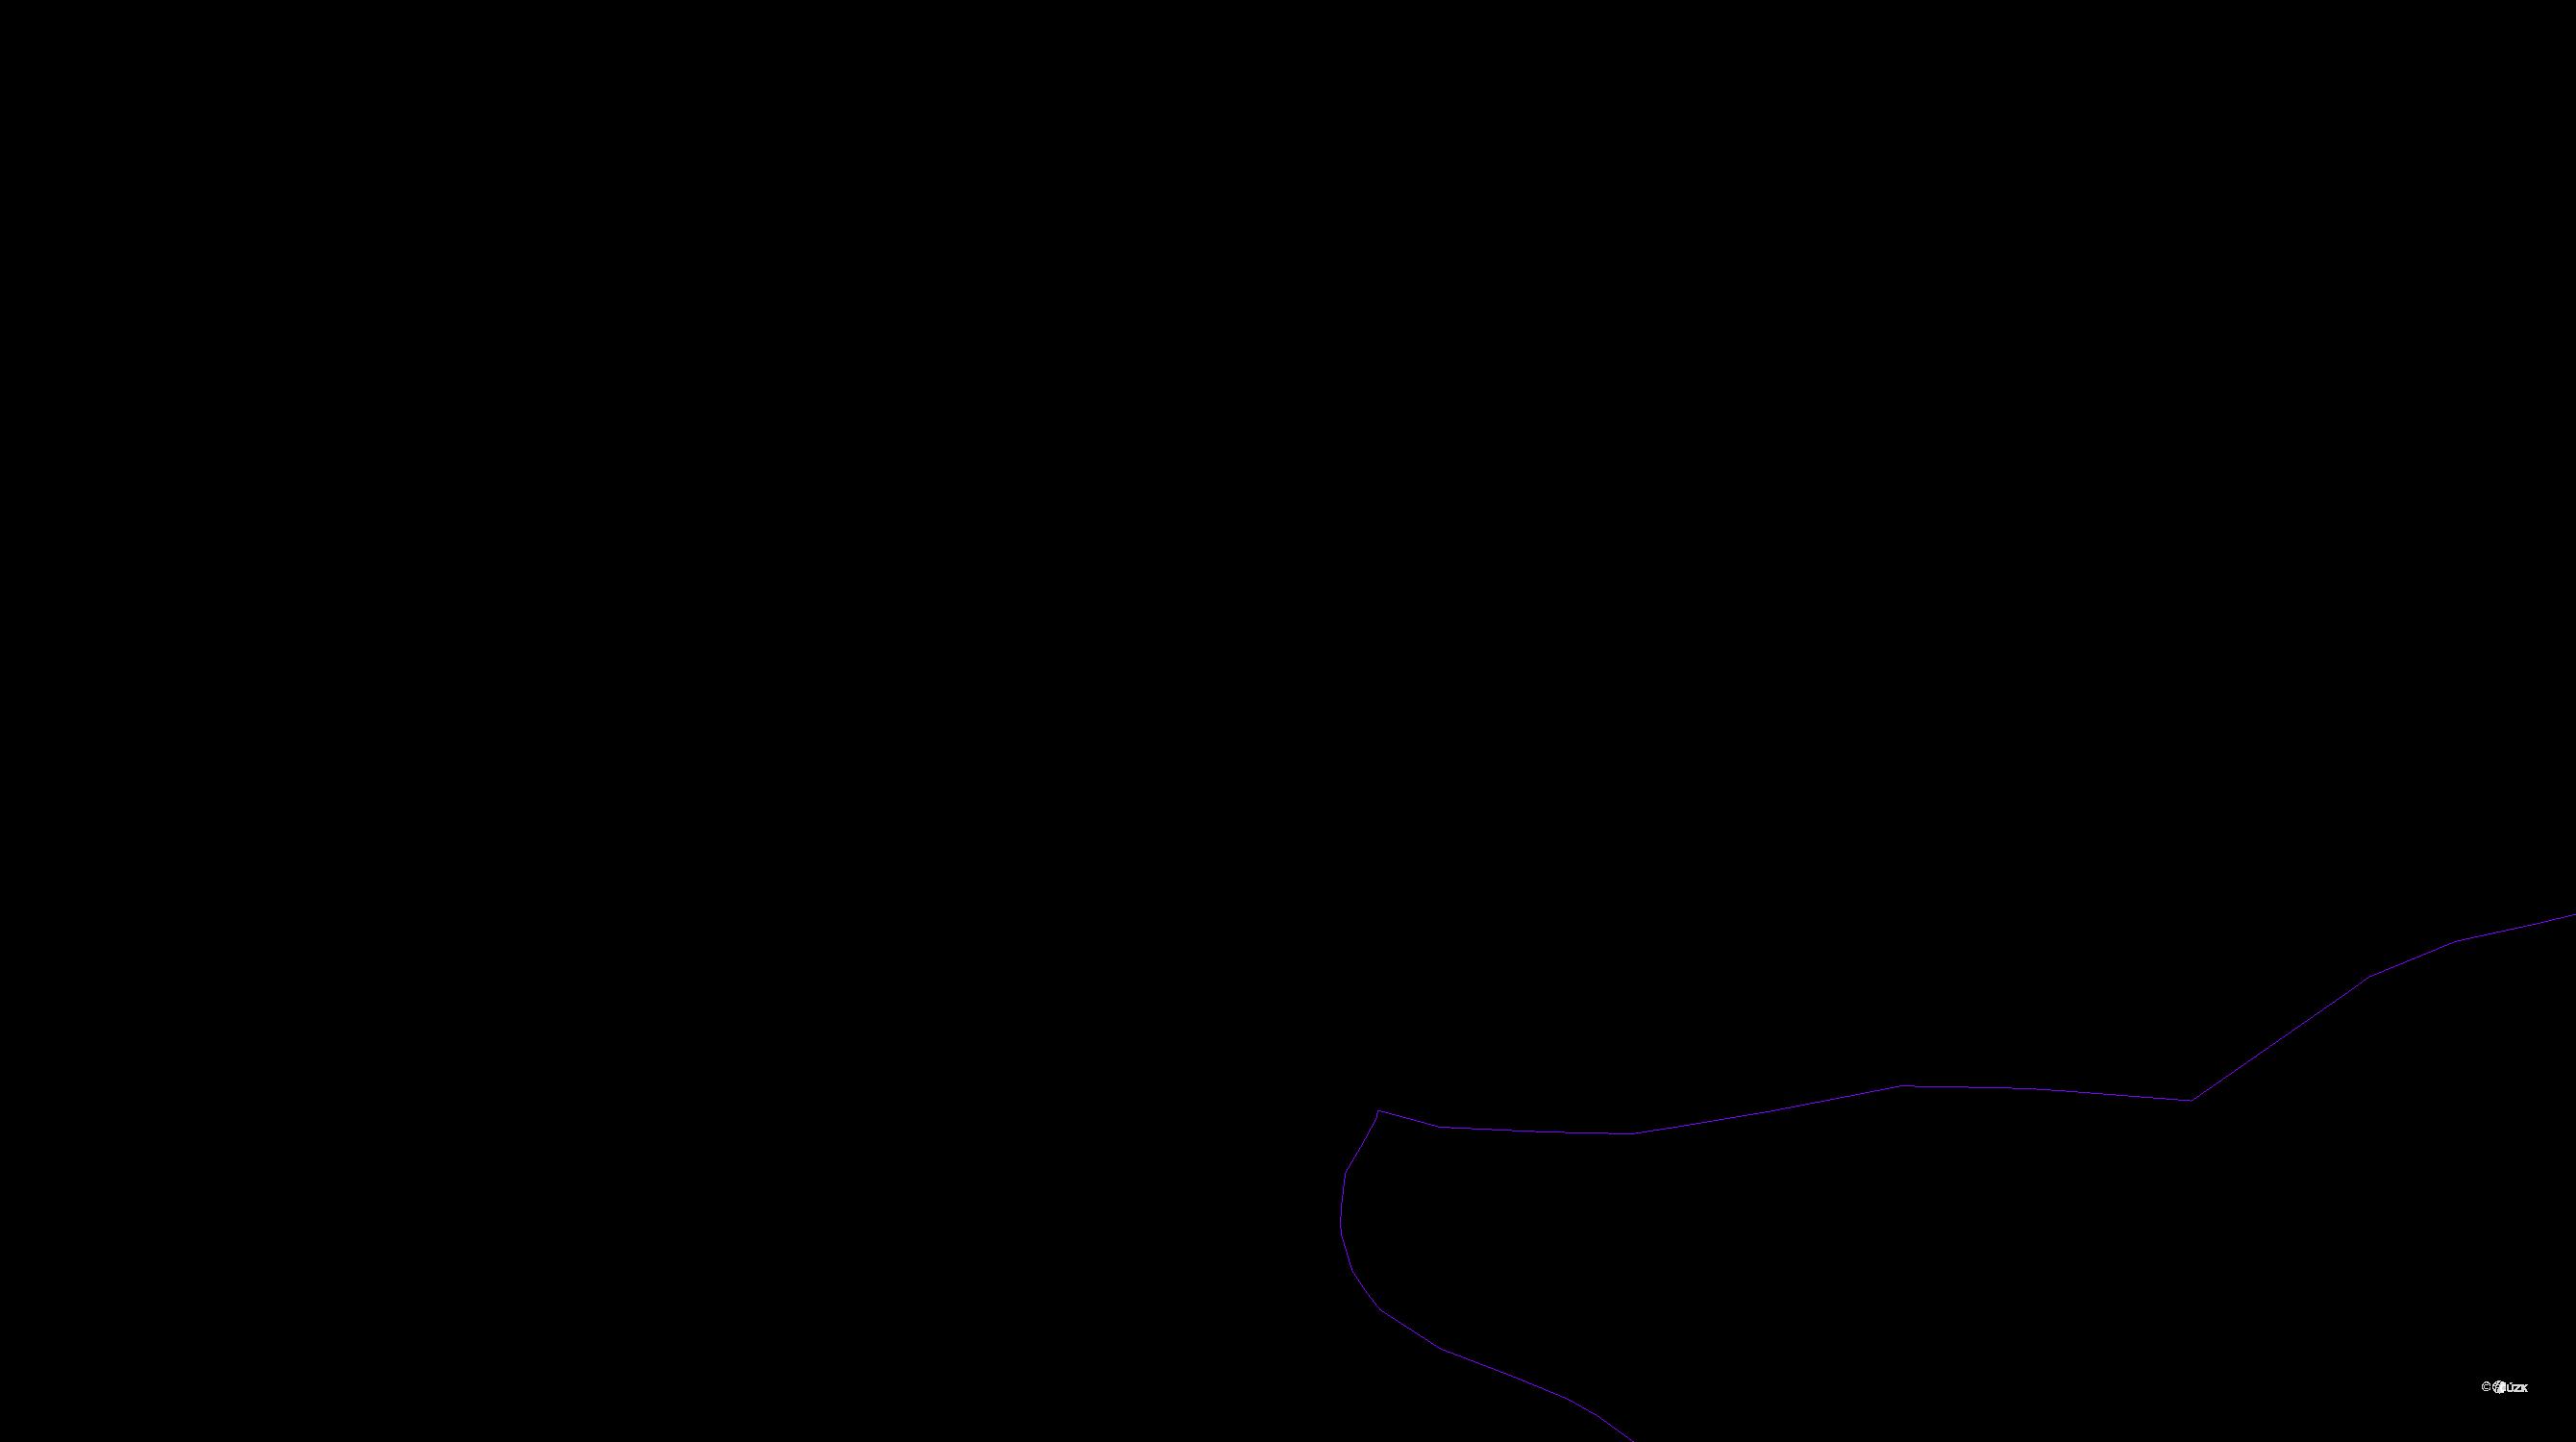 Katastrální mapa pozemků a čísla parcel Kovansko